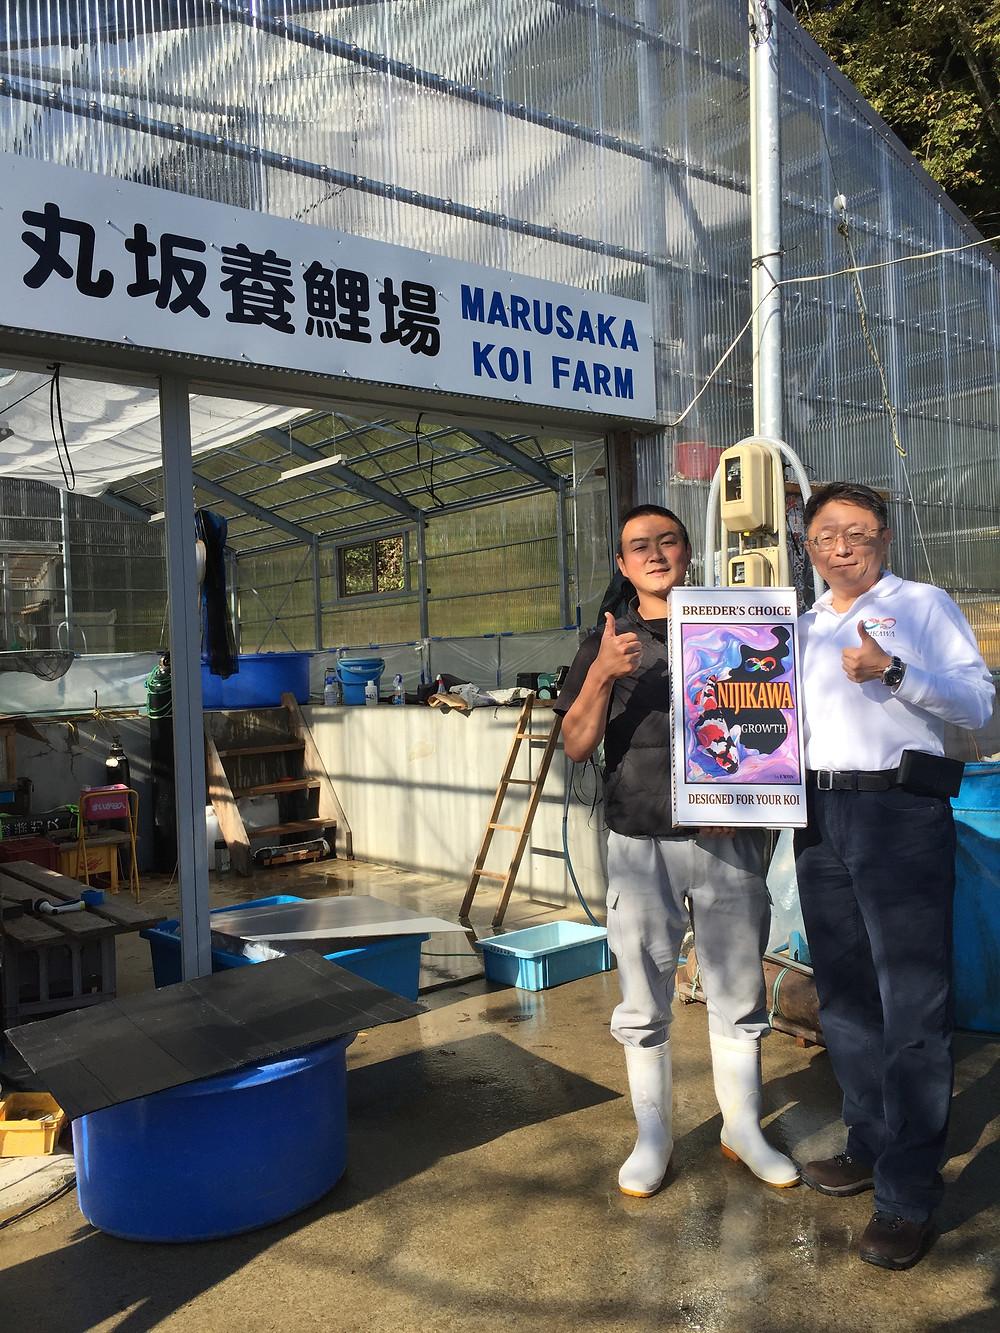 CEO Chien Lee Nijikawa Koi Food marusaka Koi Farm